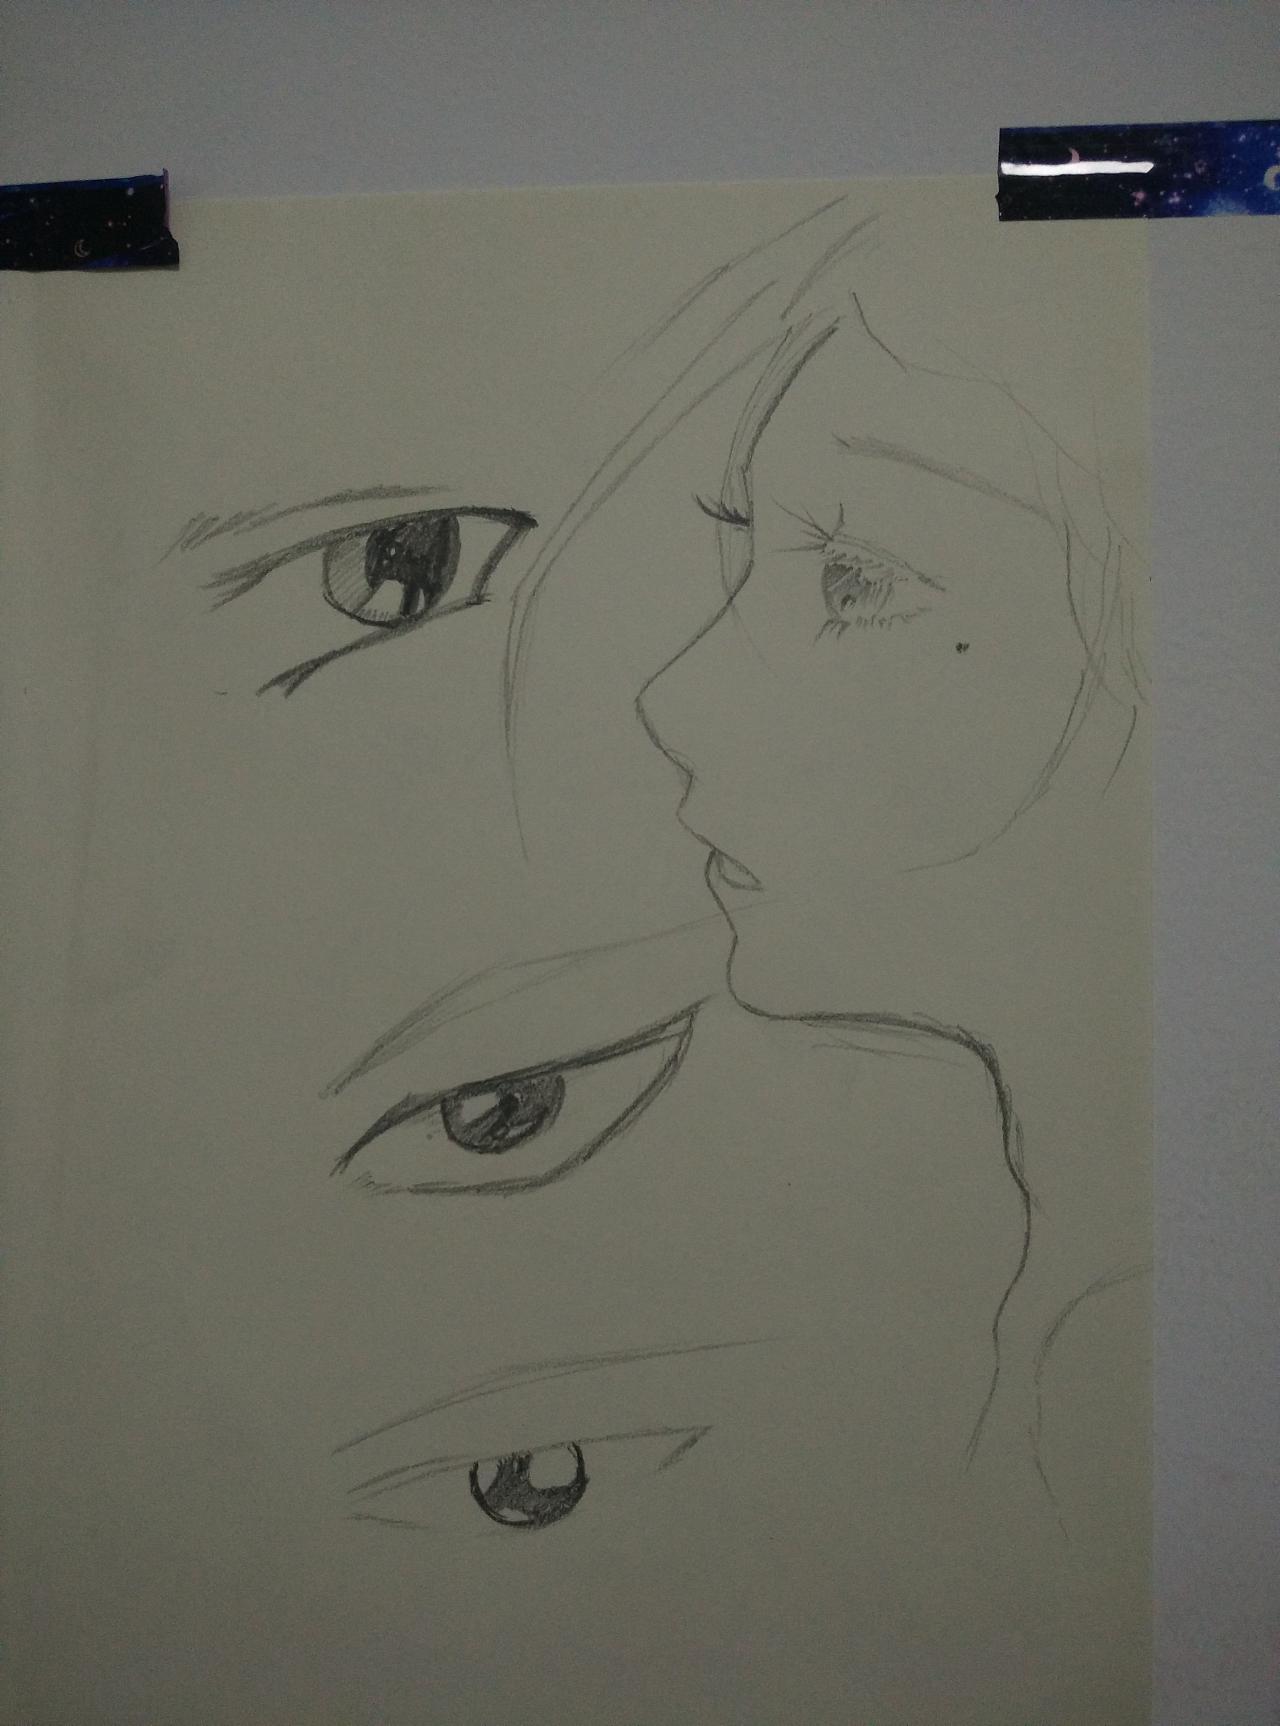 眼睛画法练习小手绘